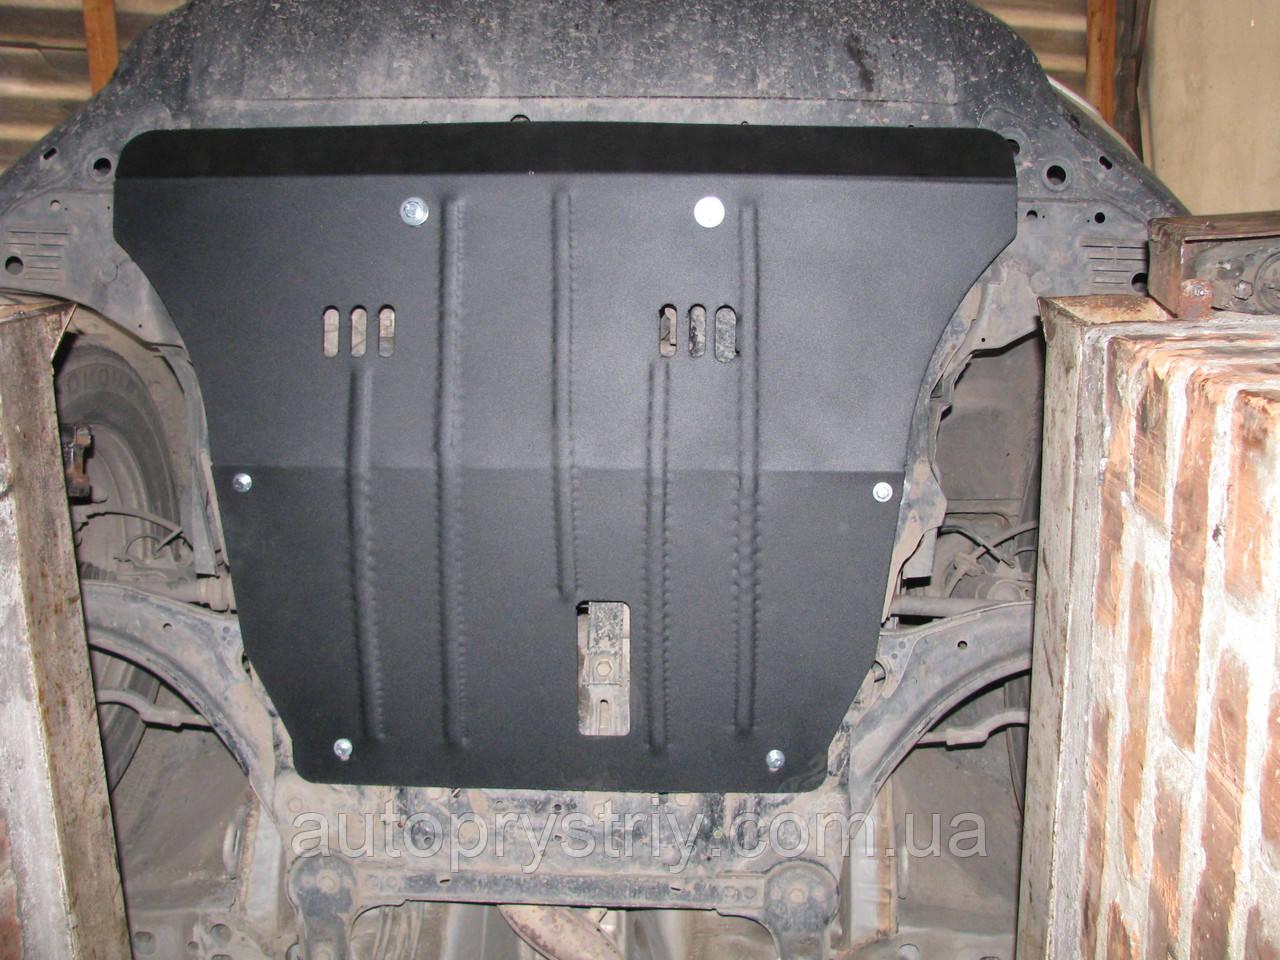 Захист двигуна і КПП варіатор Nissan X-Trail (T31) (2007-2014) 2.0